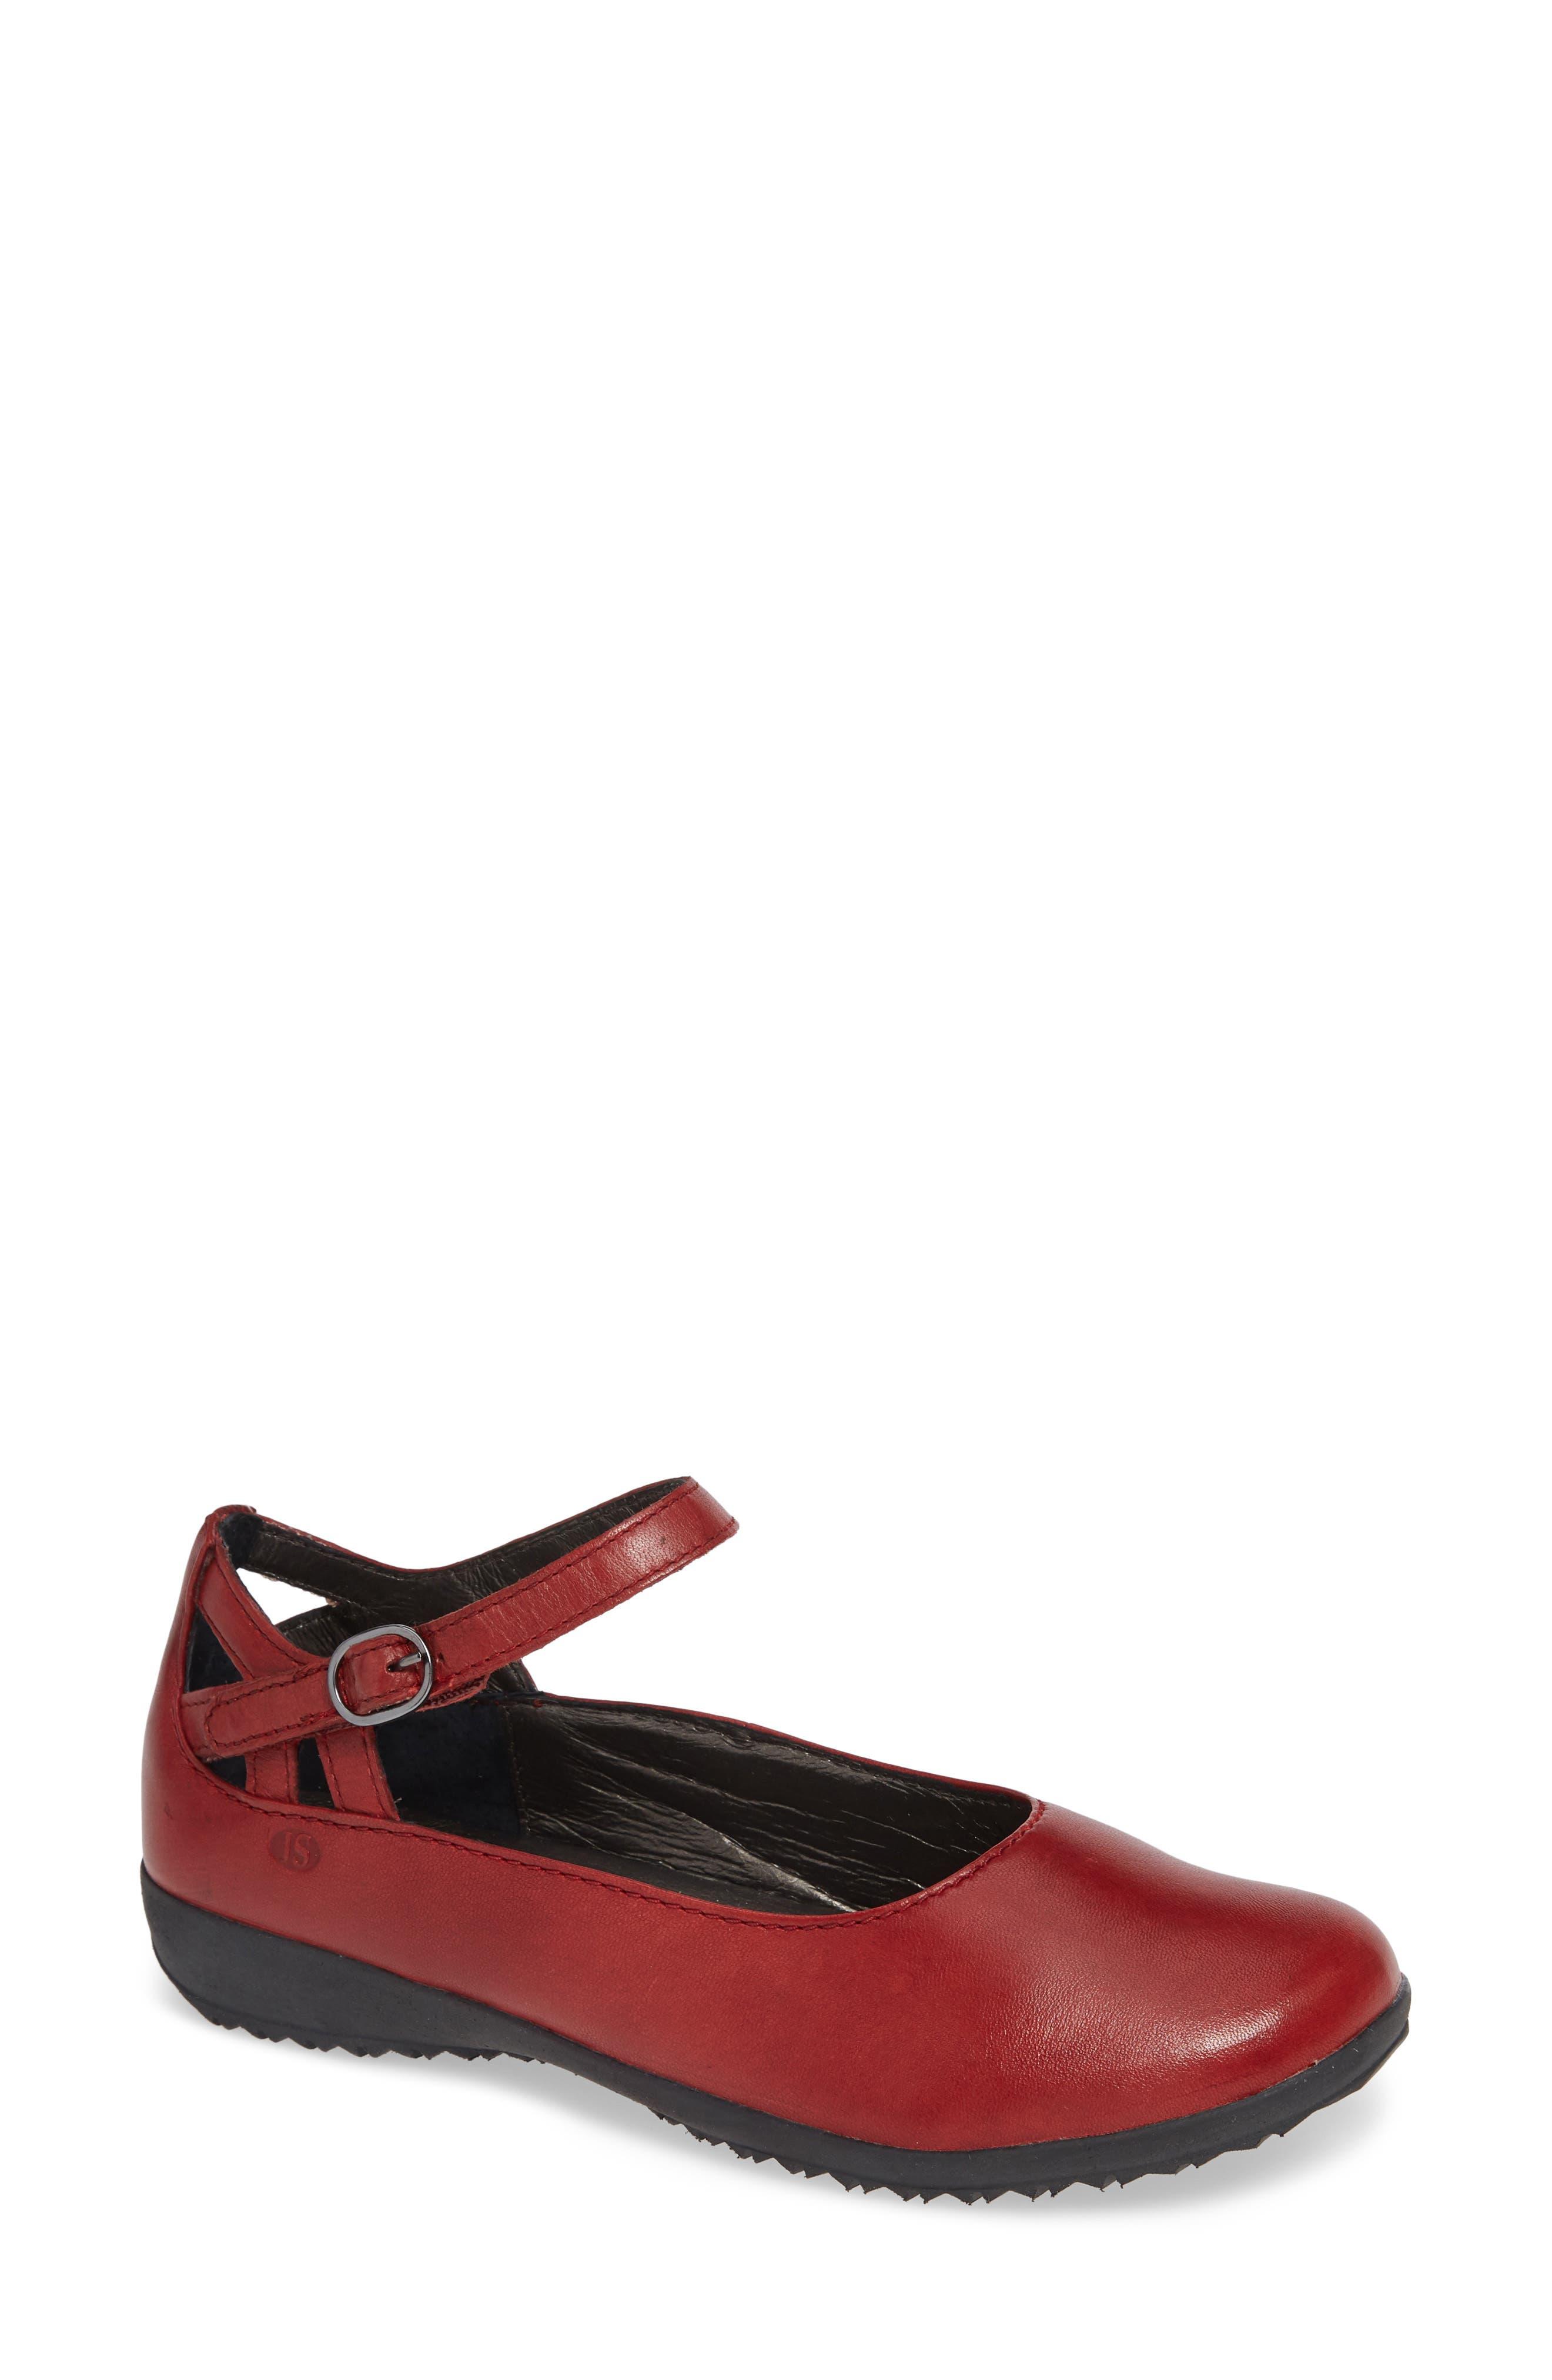 Josef Seibel Naly 22 Shoe, Red